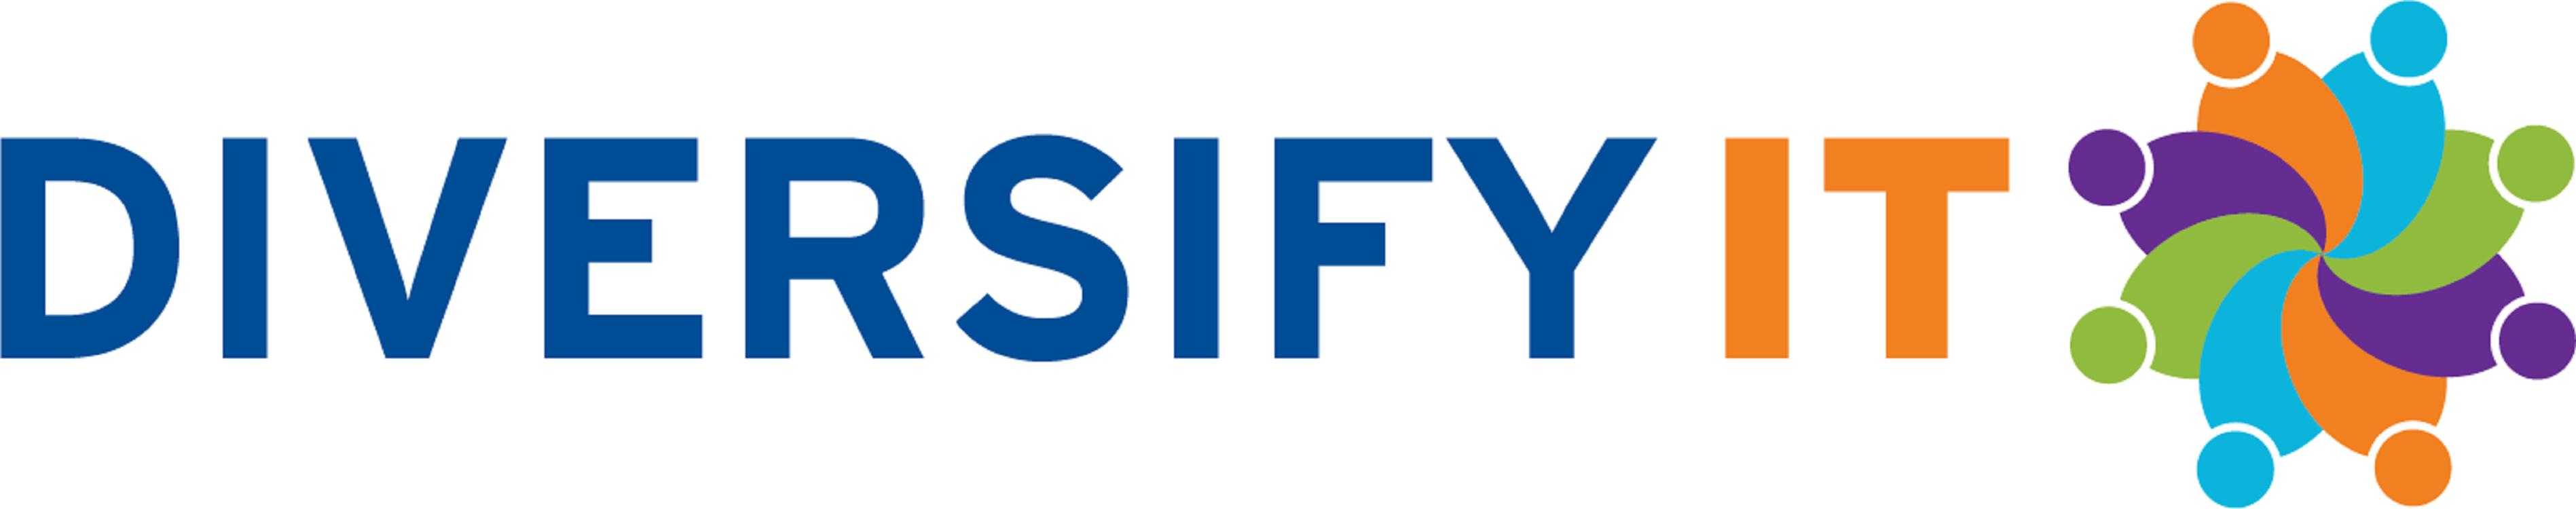 diversifyit logo